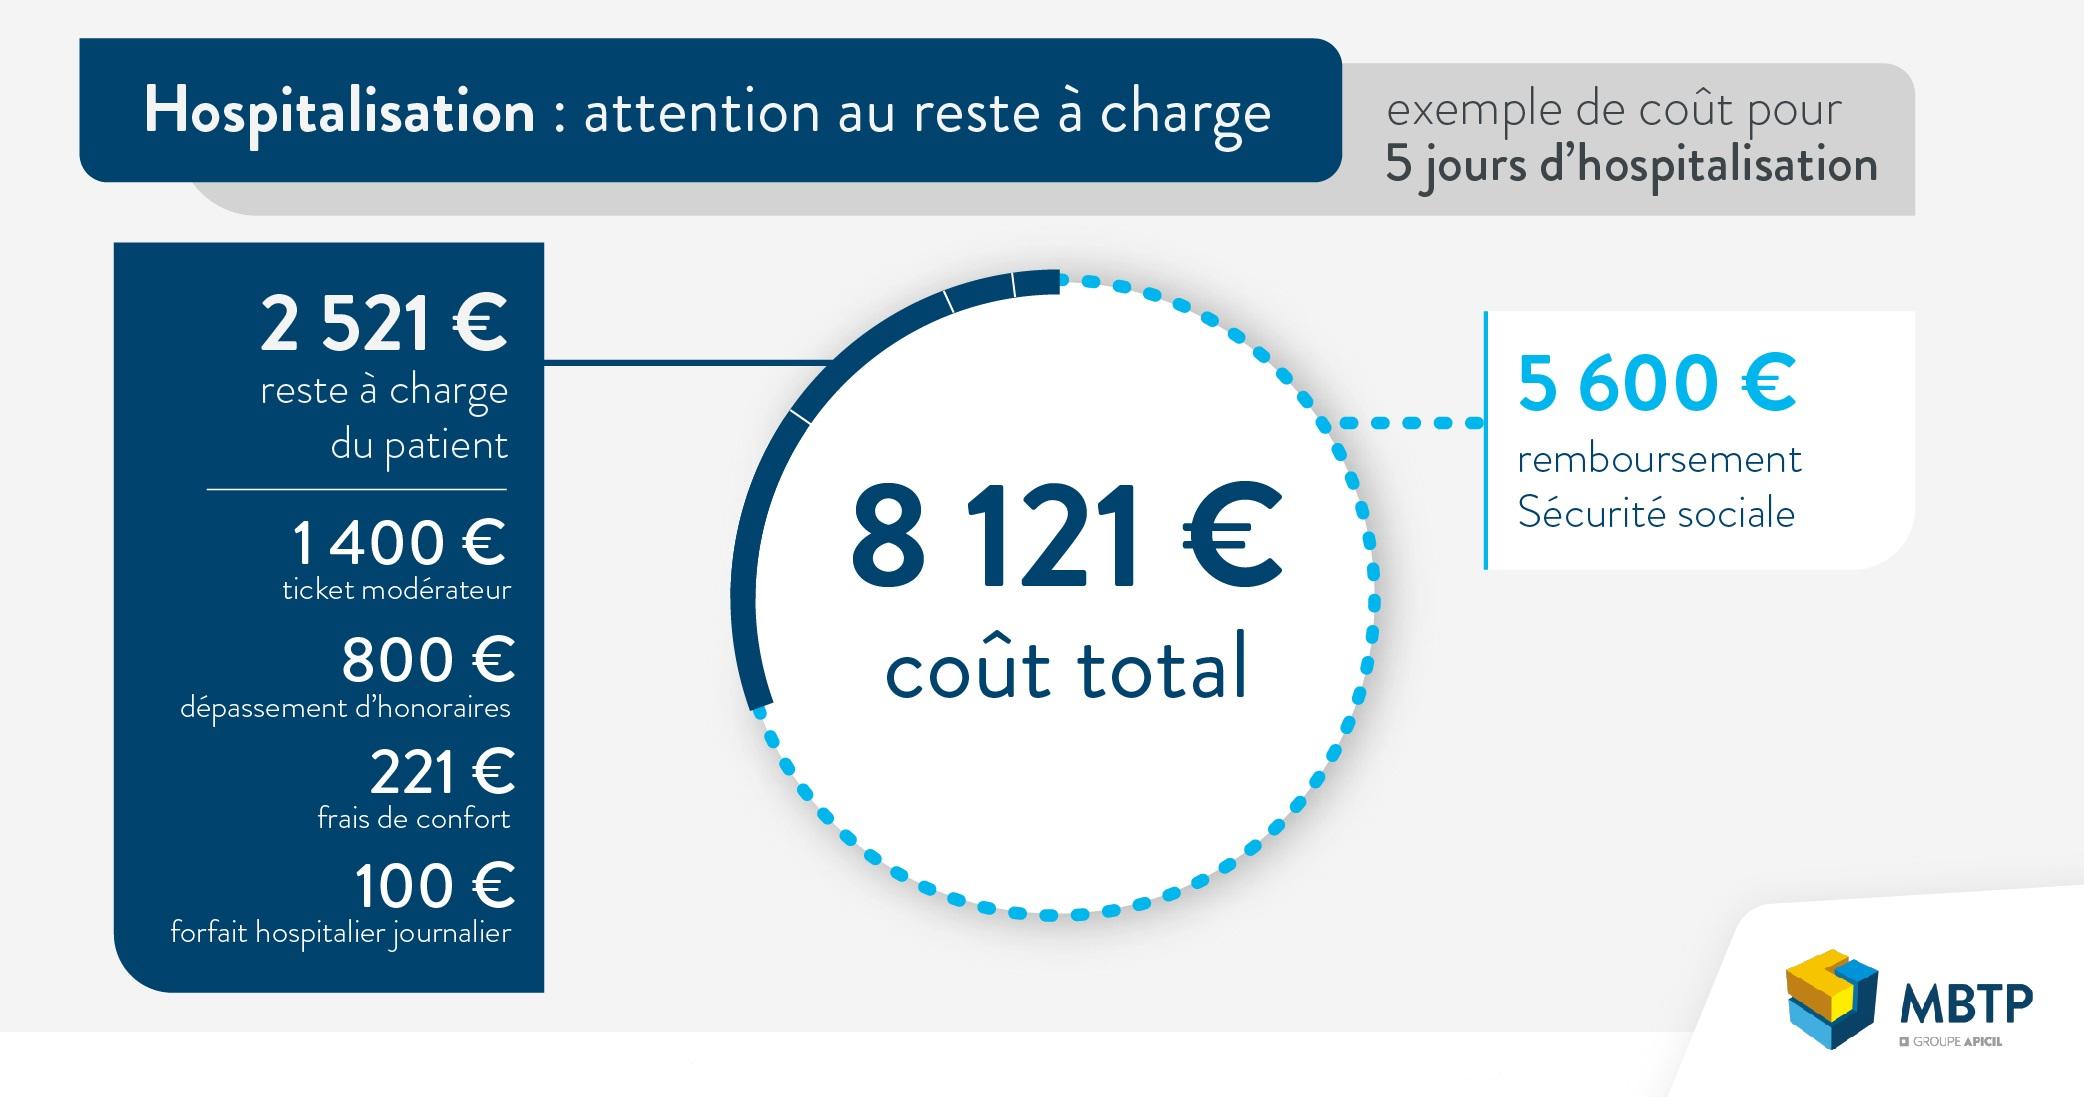 Infographie du coût de l'hospitalisation pour un séjour de 5 jours